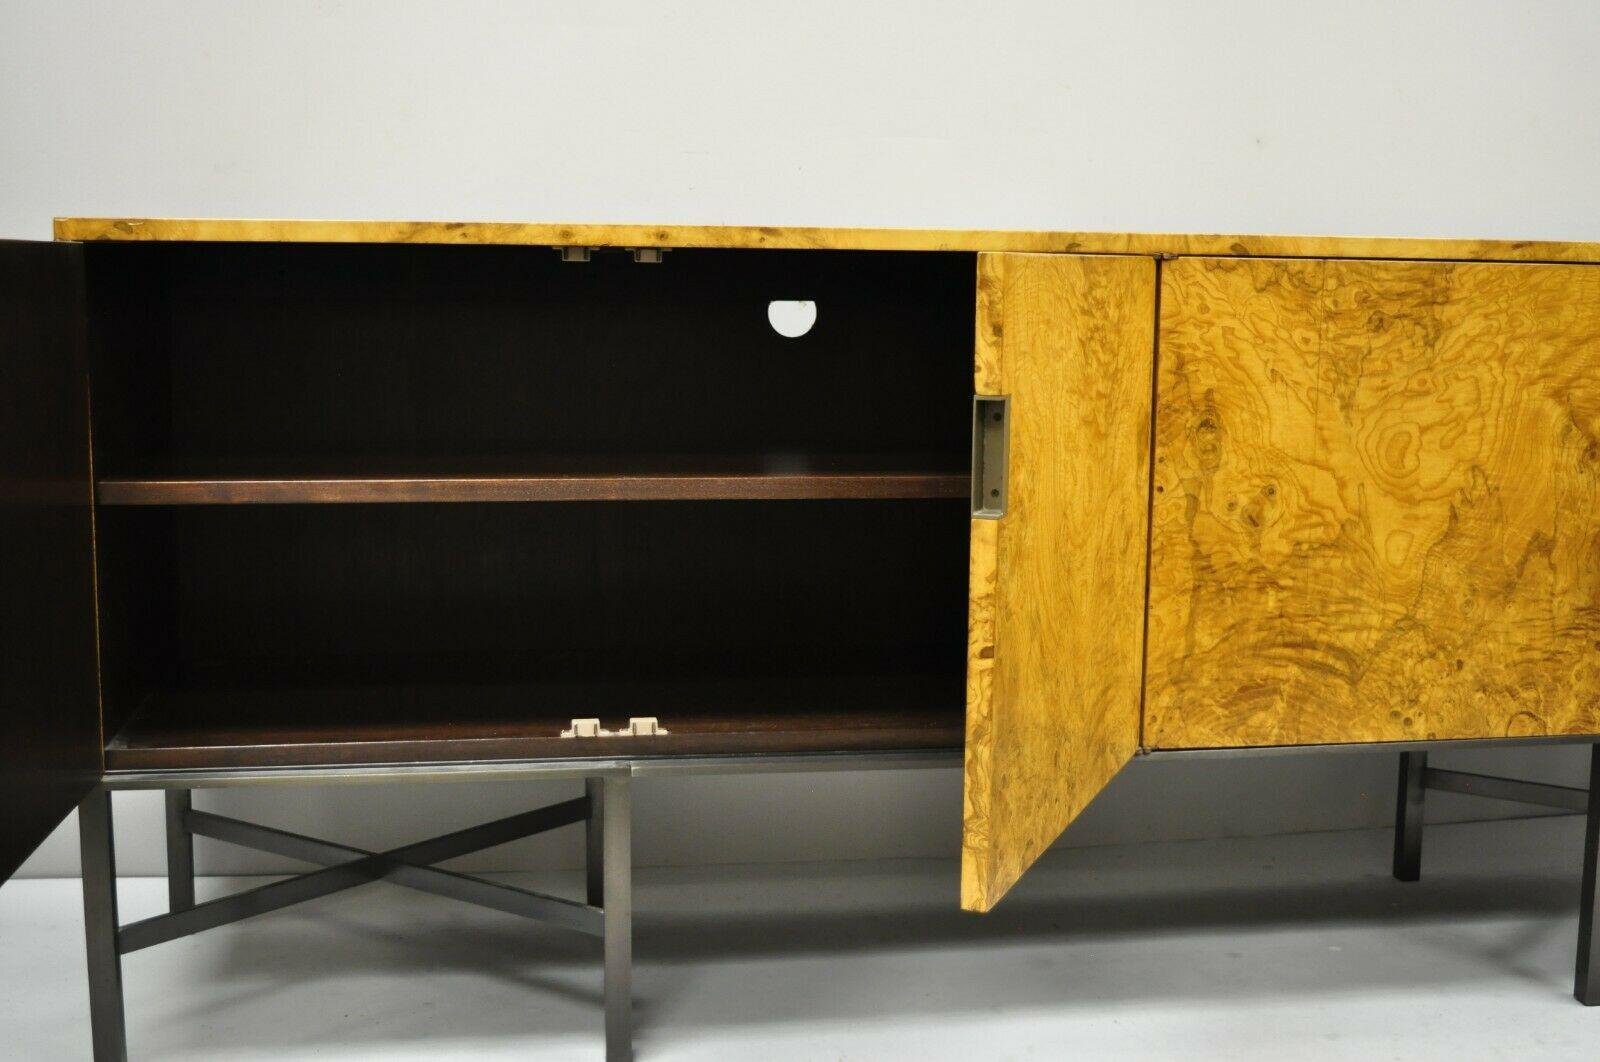 Roger Sprunger for Dunbar Burled Olivewood Credenza Cabinet Sideboard Buffet